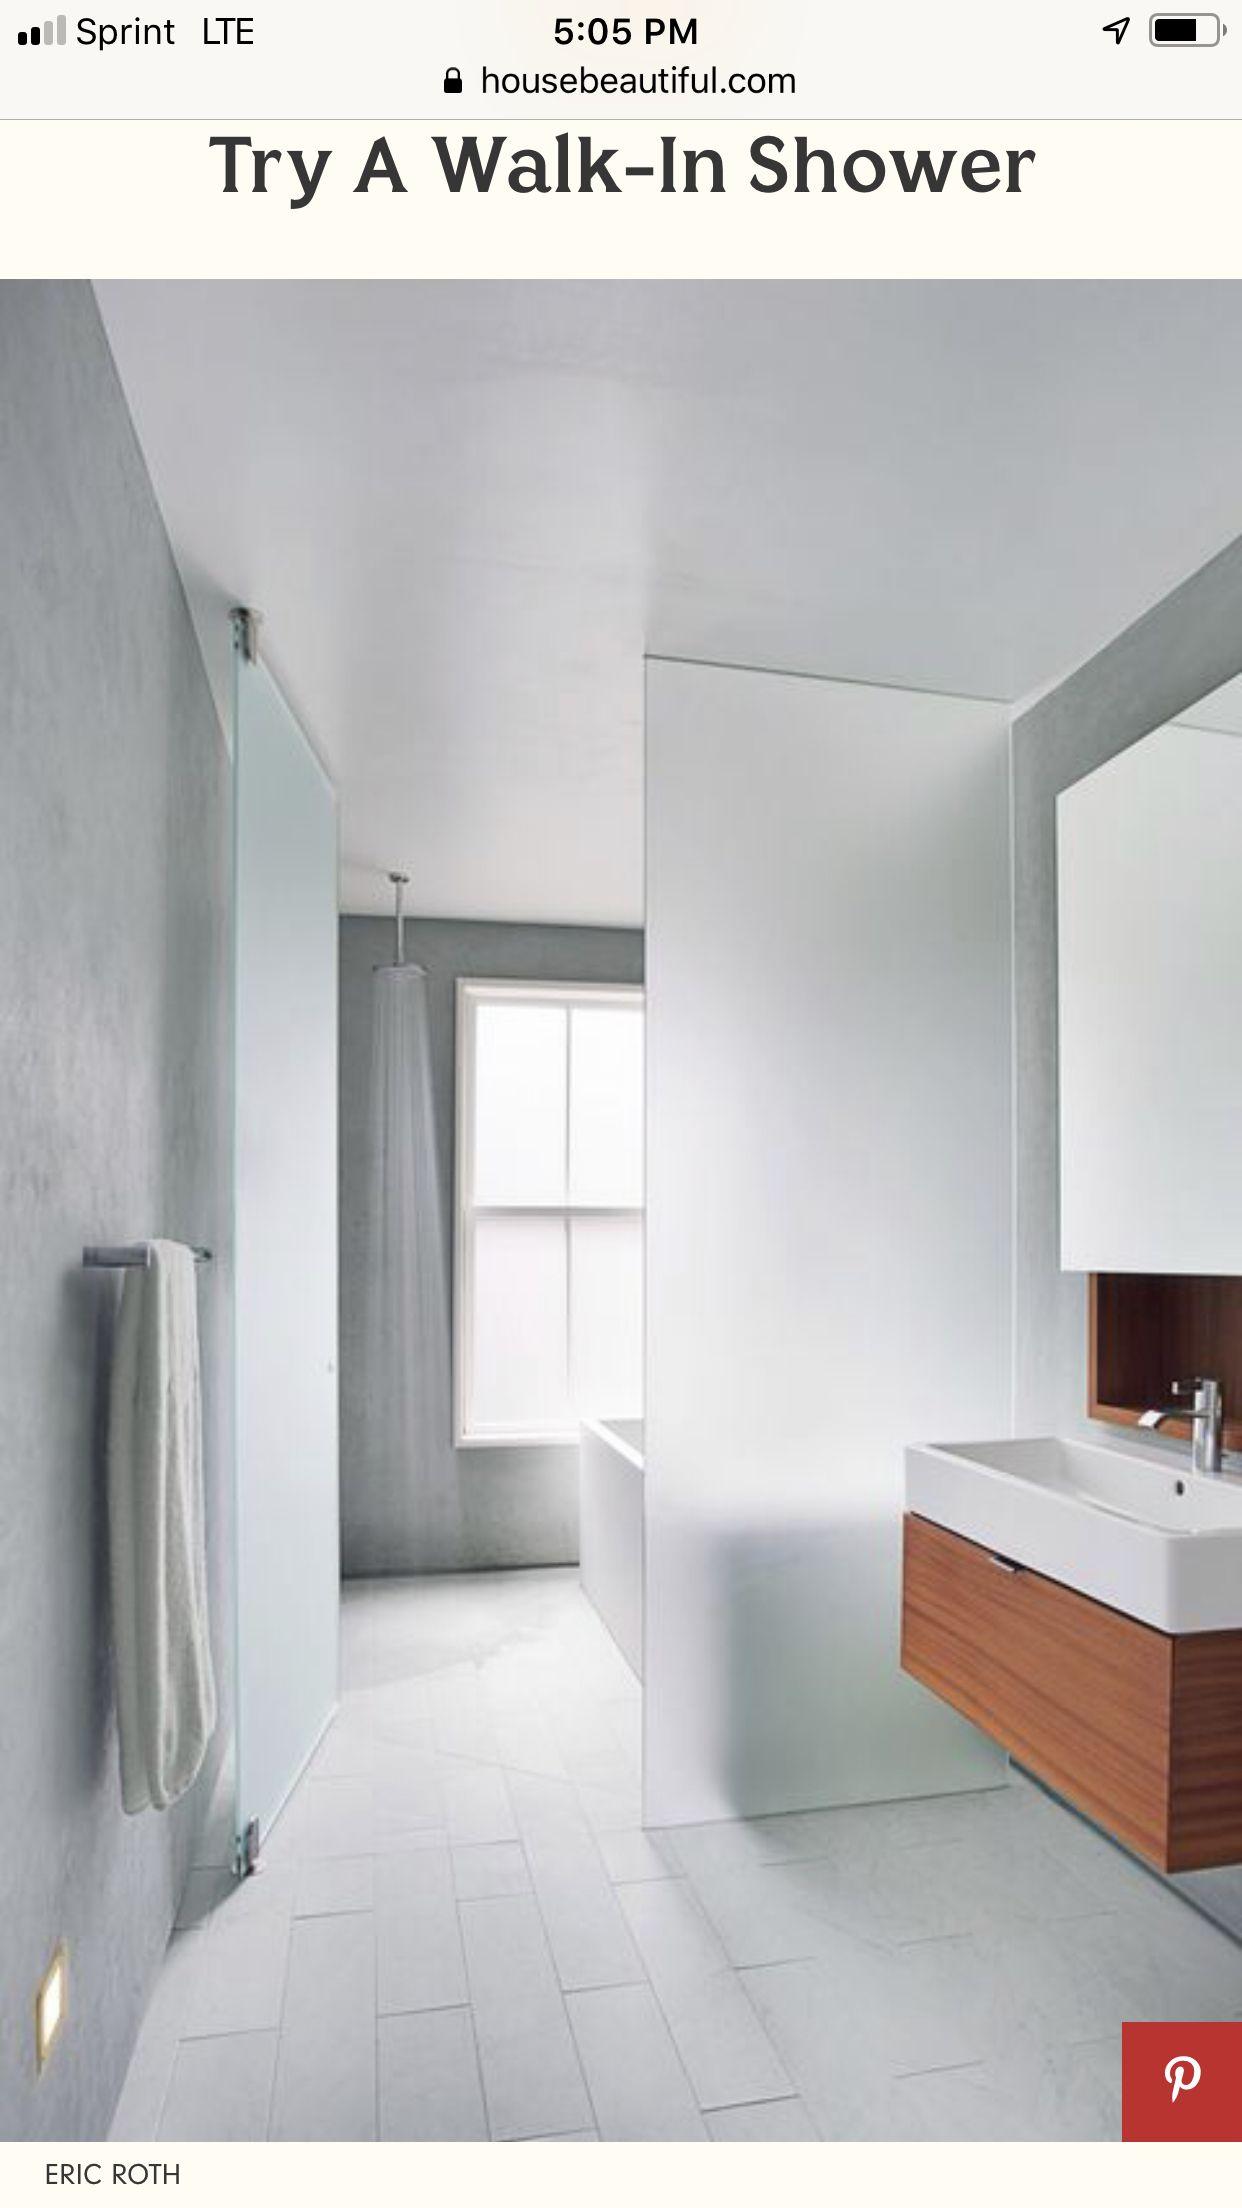 Pin Von Irene Celik Auf Modern Pnw Bathroom Modernes Badezimmerdesign Modernes Badezimmer Badezimmereinrichtung